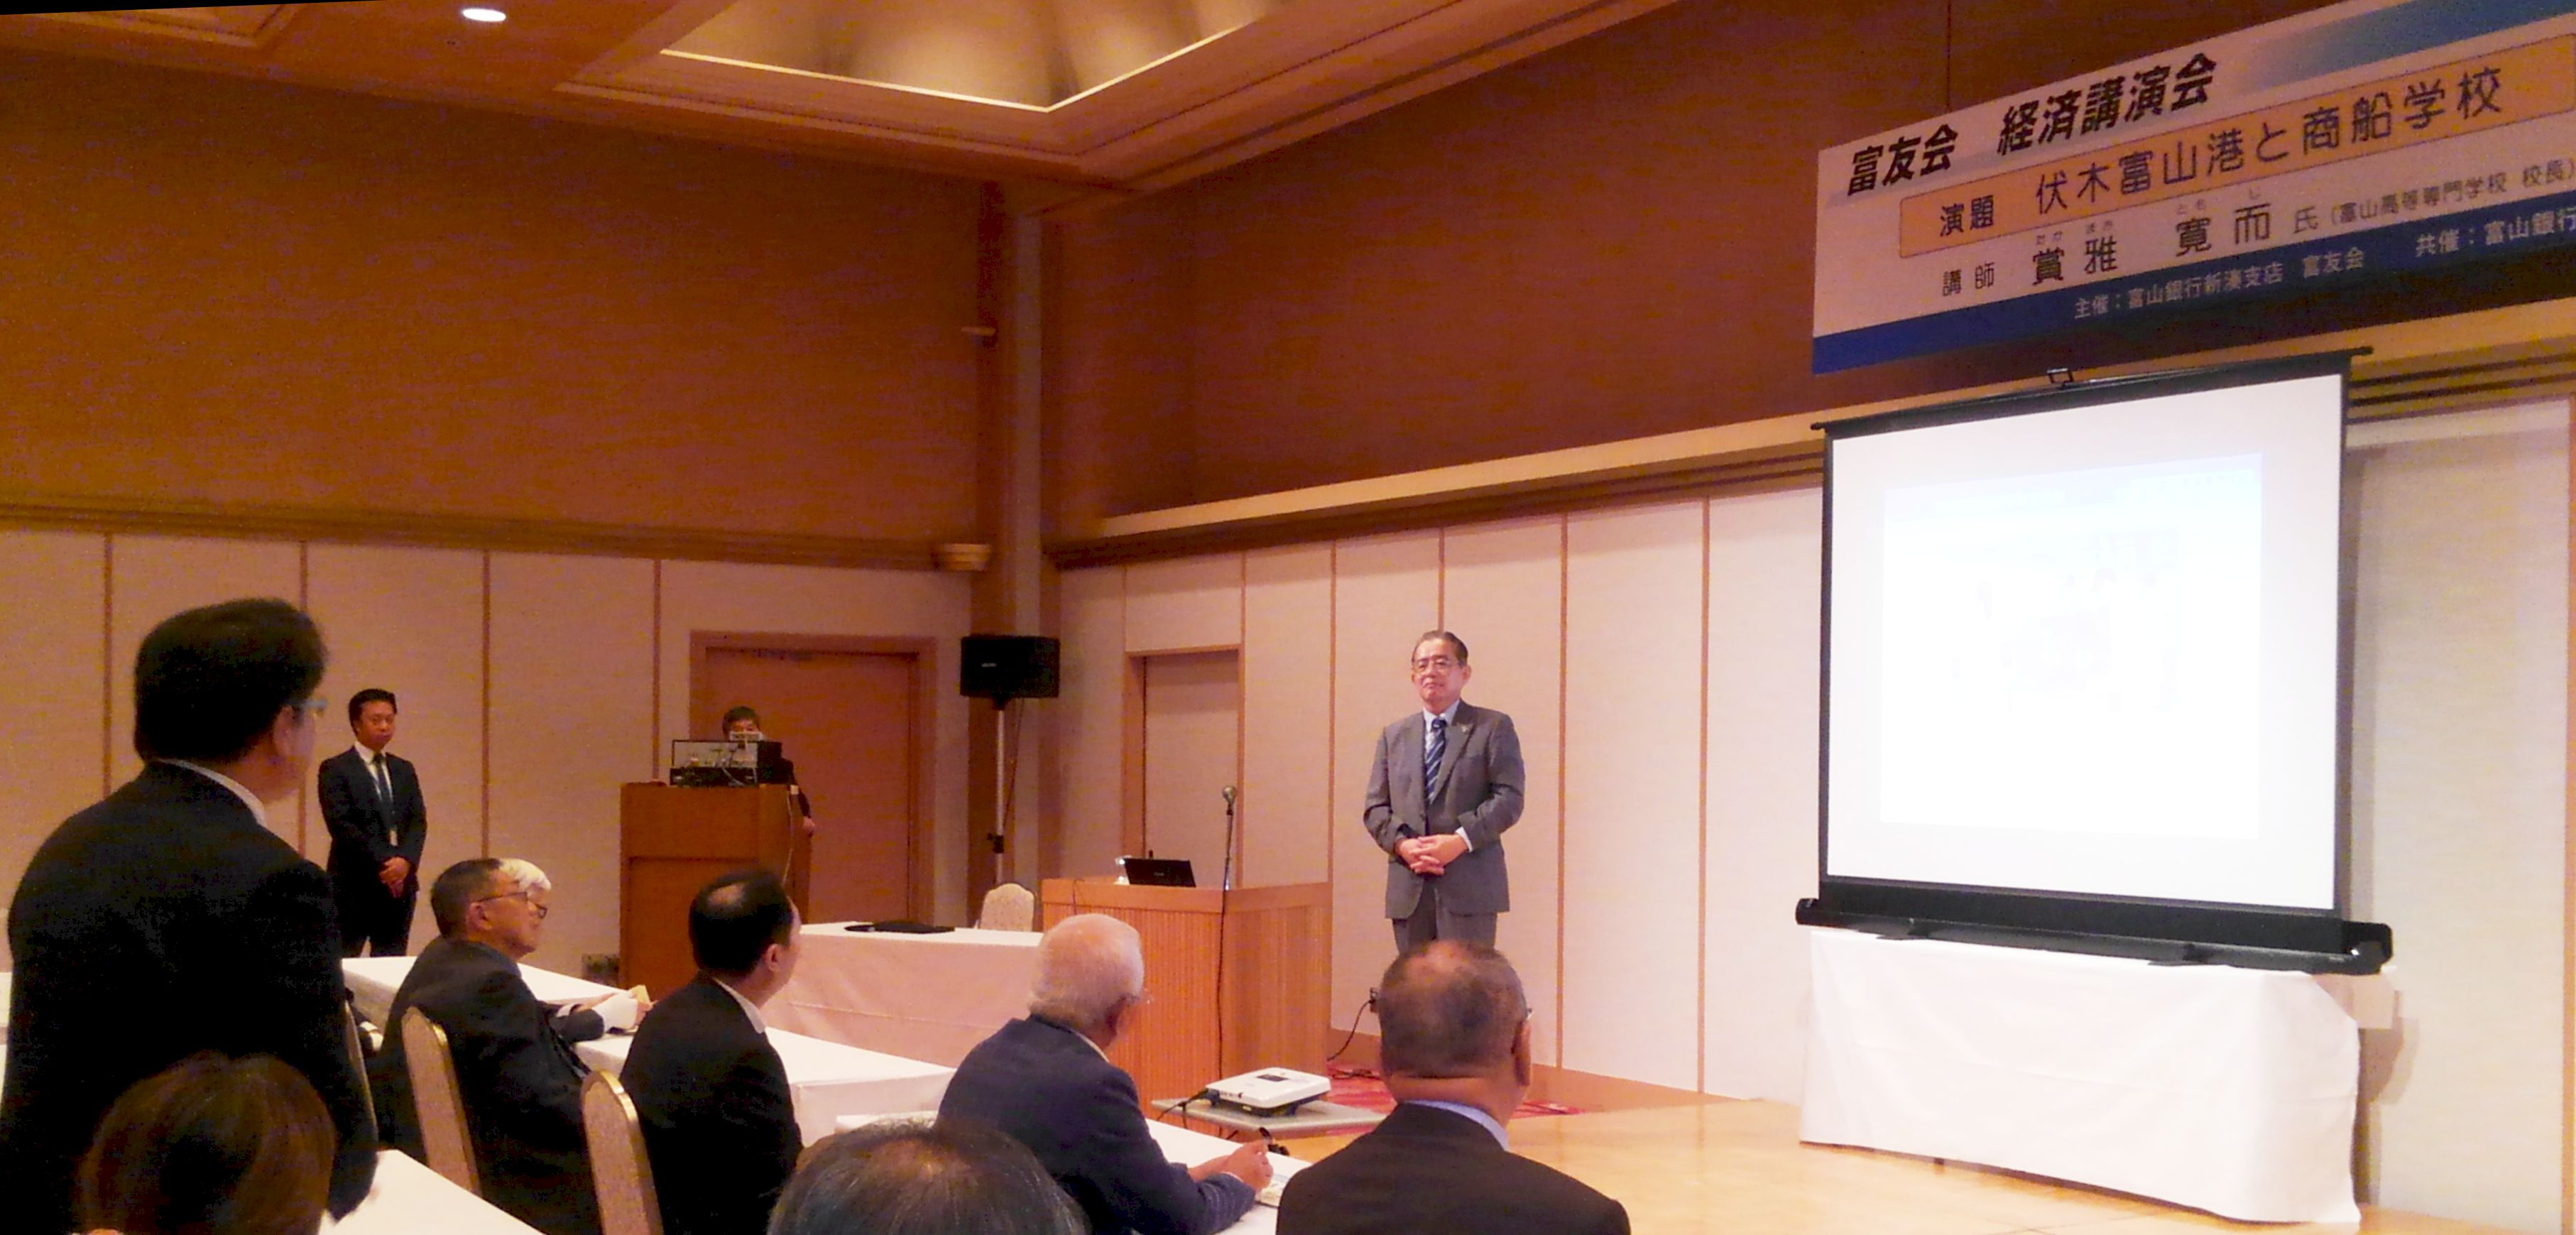 富山銀行「富友会」経済講演会で賞雅校長が講演しました。